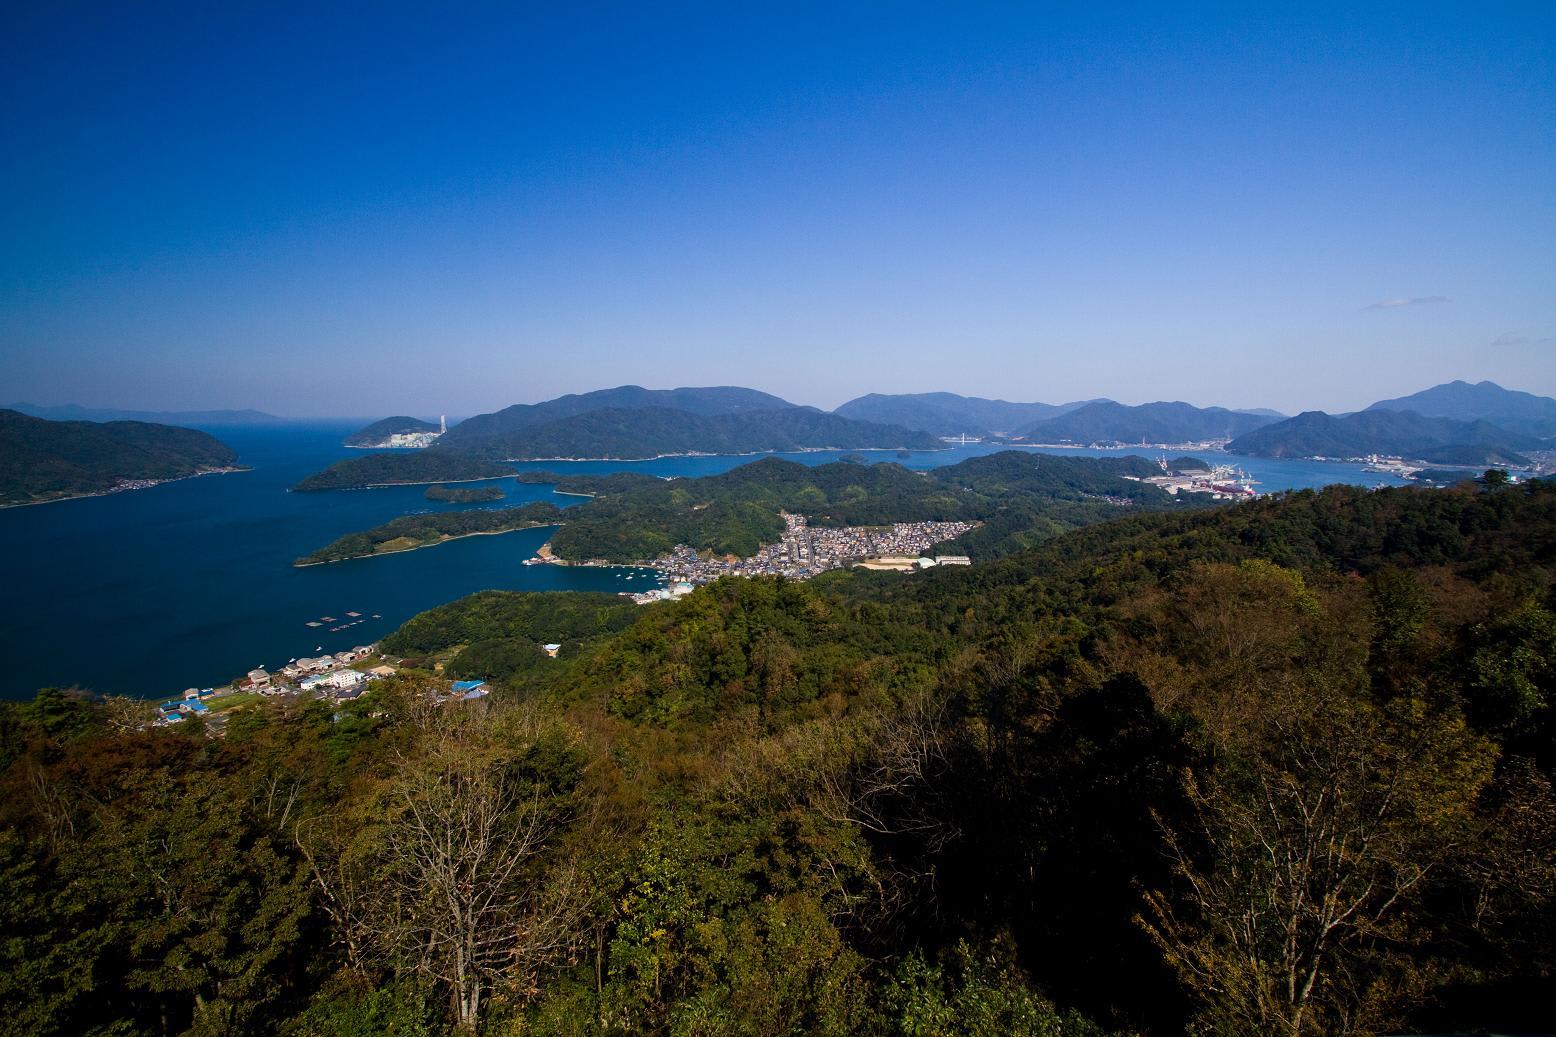 舞鶴市の五老ヶ岳公園から望む舞鶴湾 綺麗な景色ですね 五老スカイタワーの近くには「近畿百景第1位